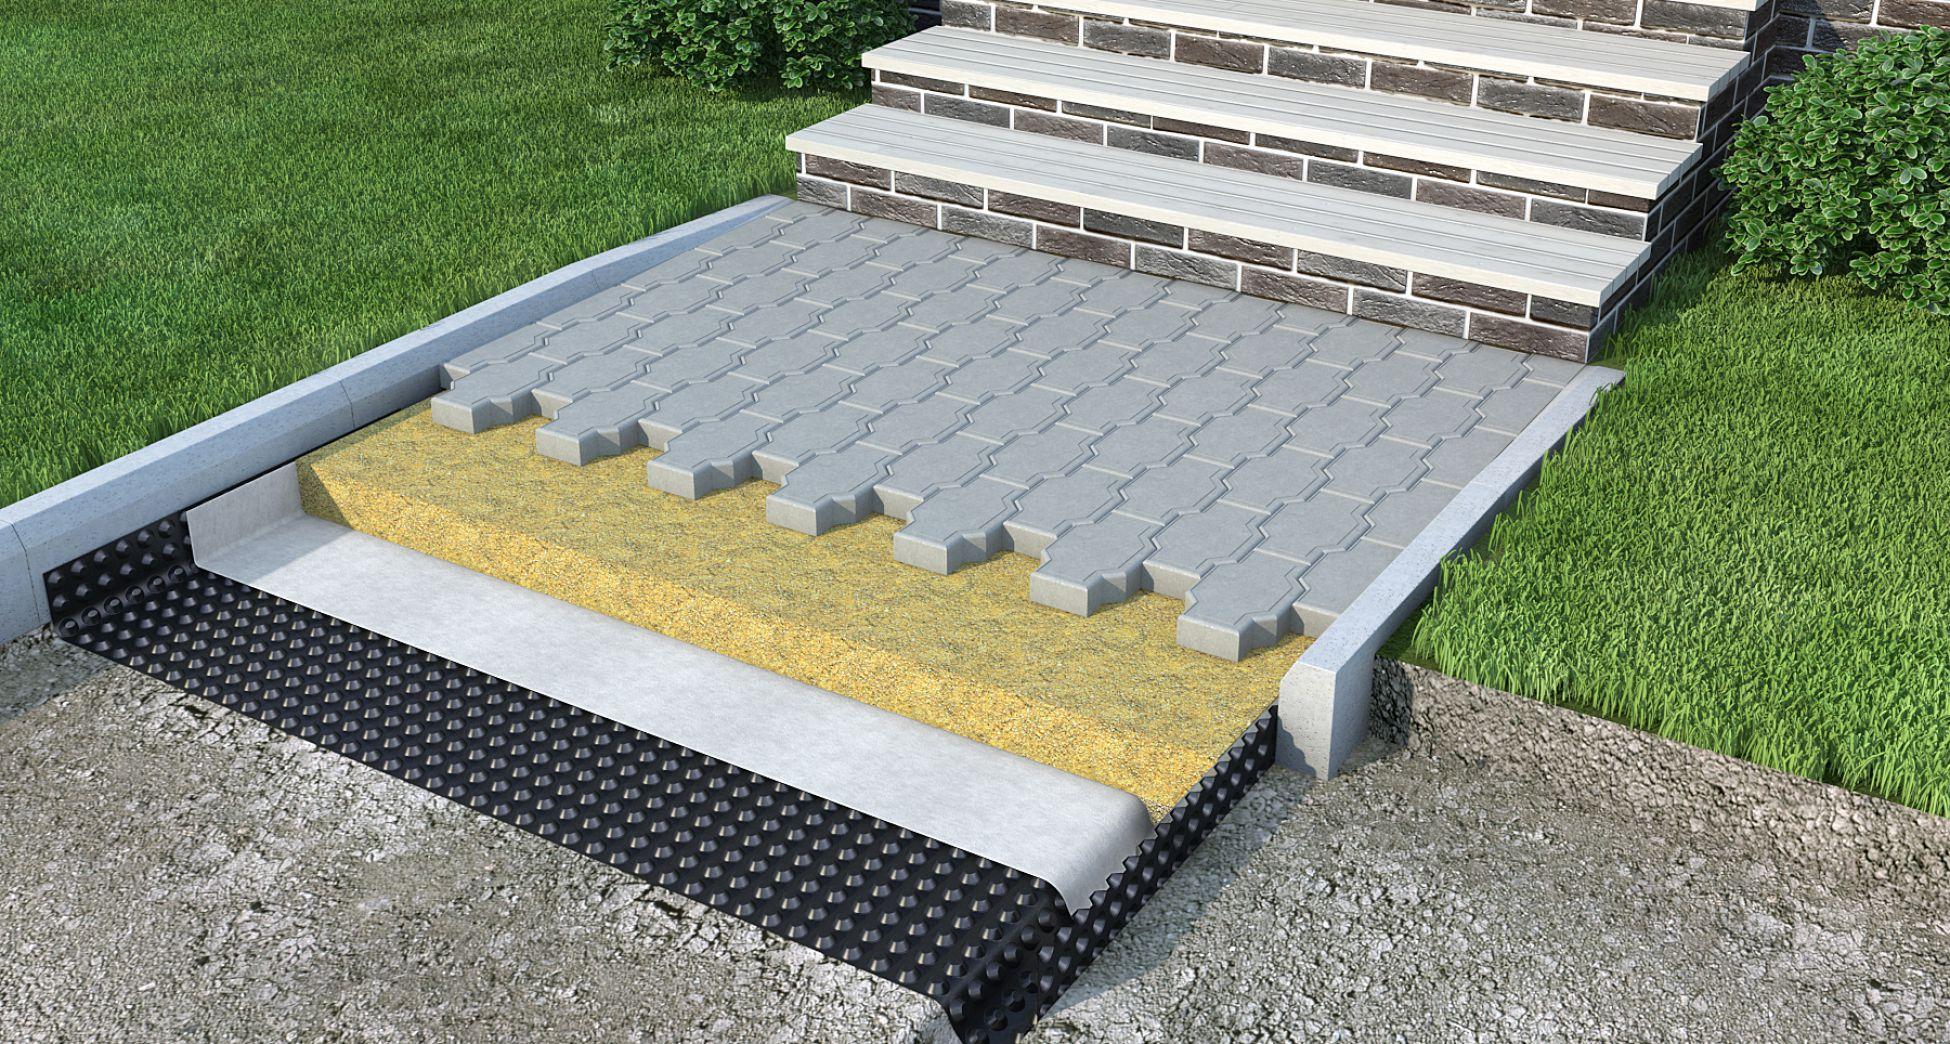 Профилированные мембраны – материал для защиты гидроизоляции и дренажа фундамента, крыш, отмосток и др.